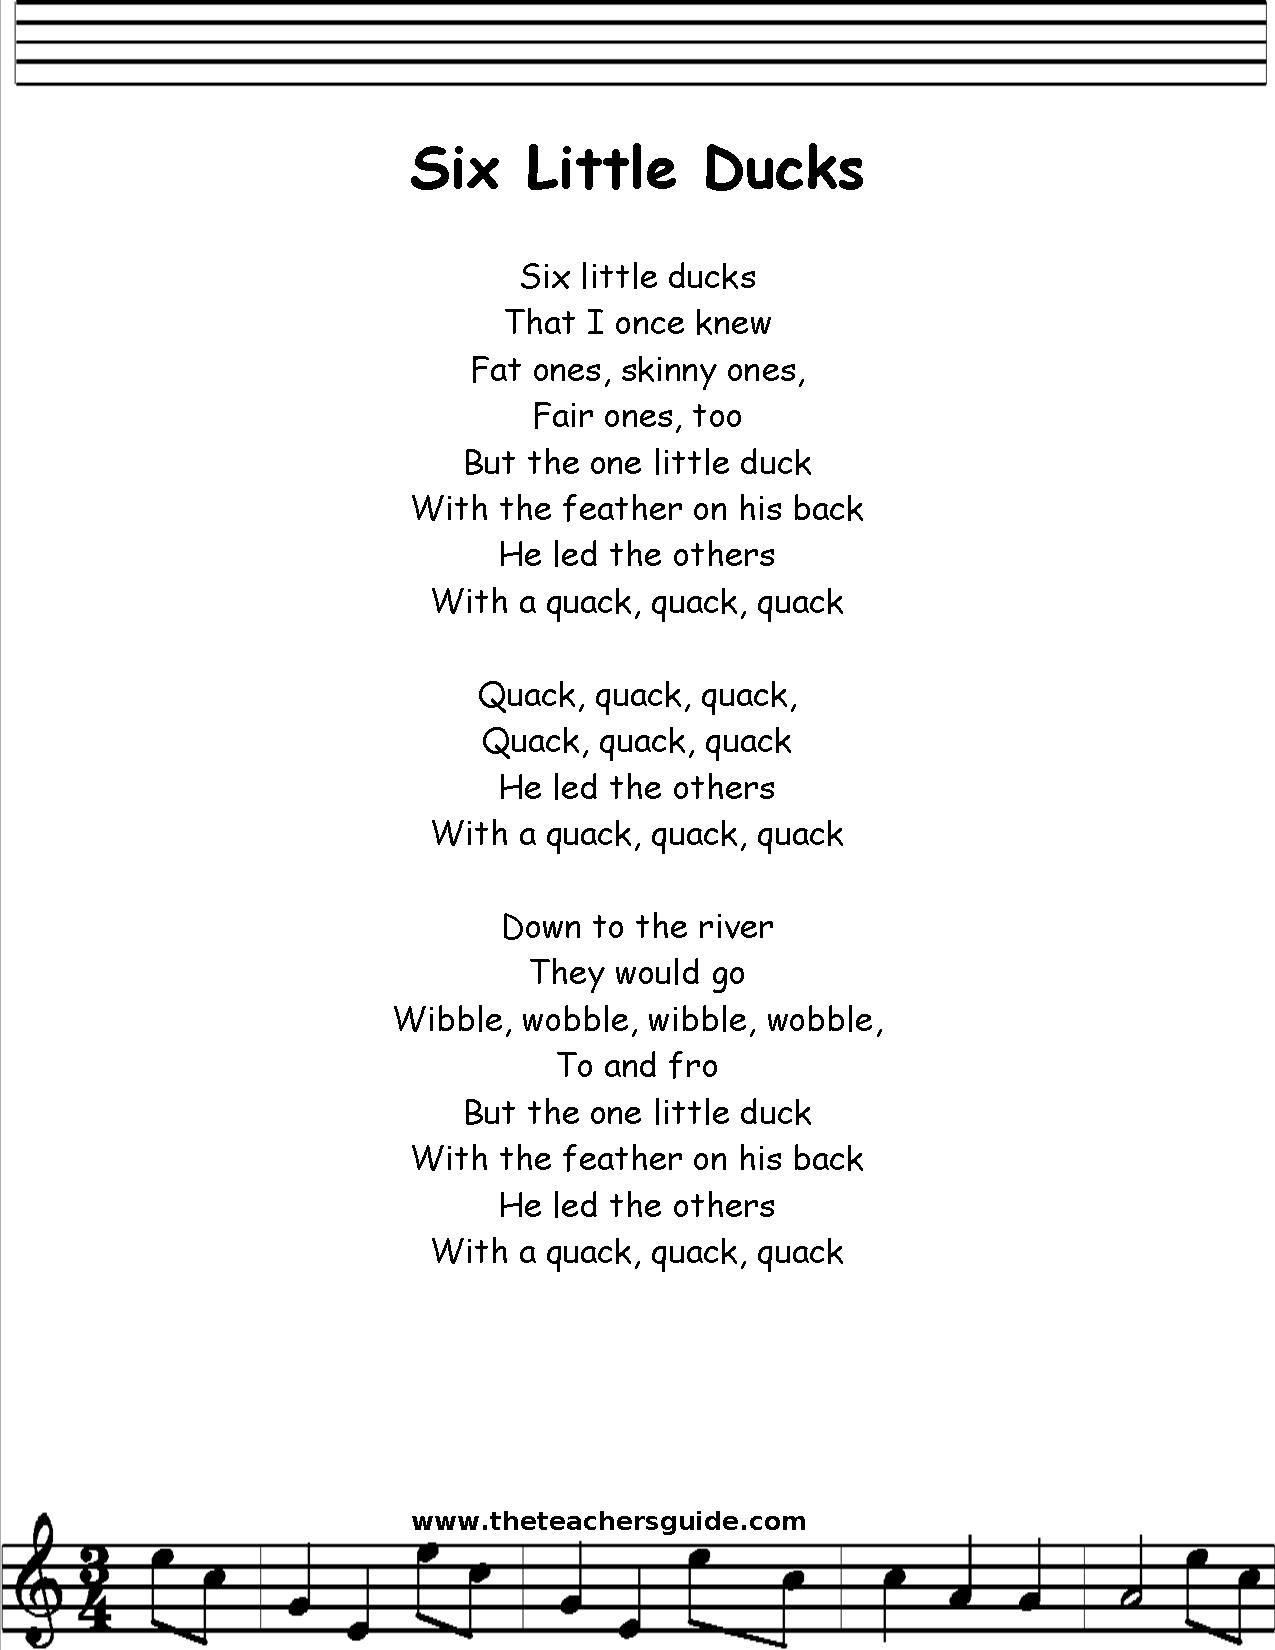 Six Little Ducks Lyrics Printout